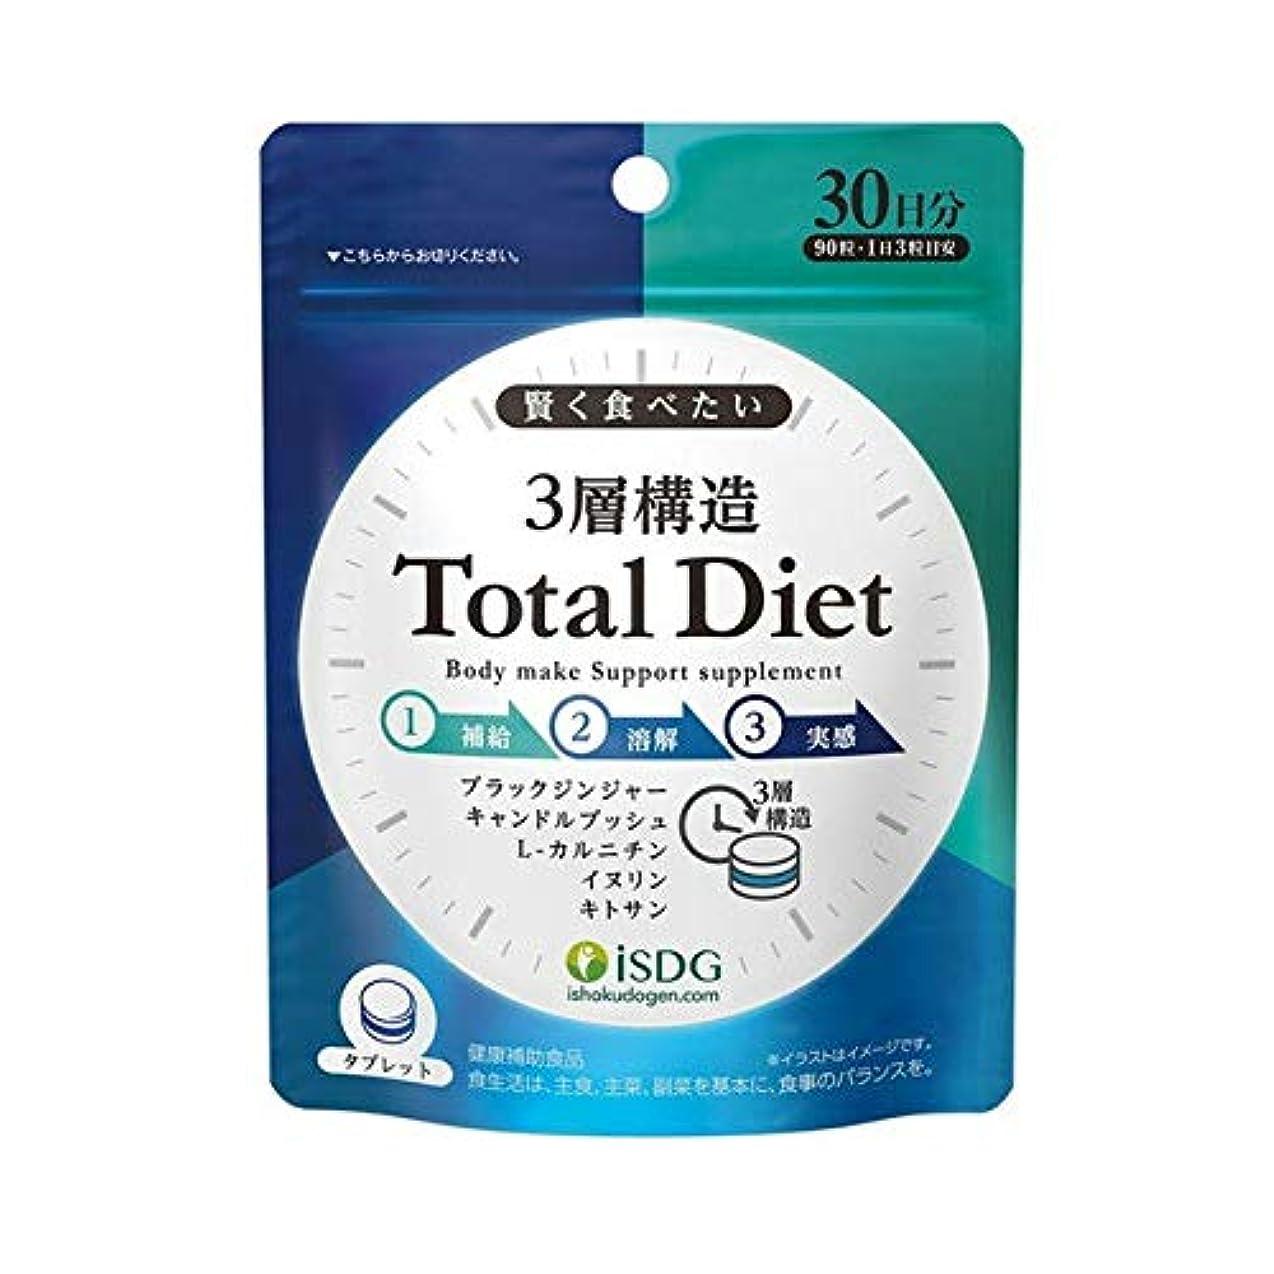 リラックス糞希少性医食同源ドットコム ISDG 3層構造 Total Diet 90粒入 トータル ダイエット×5個セット